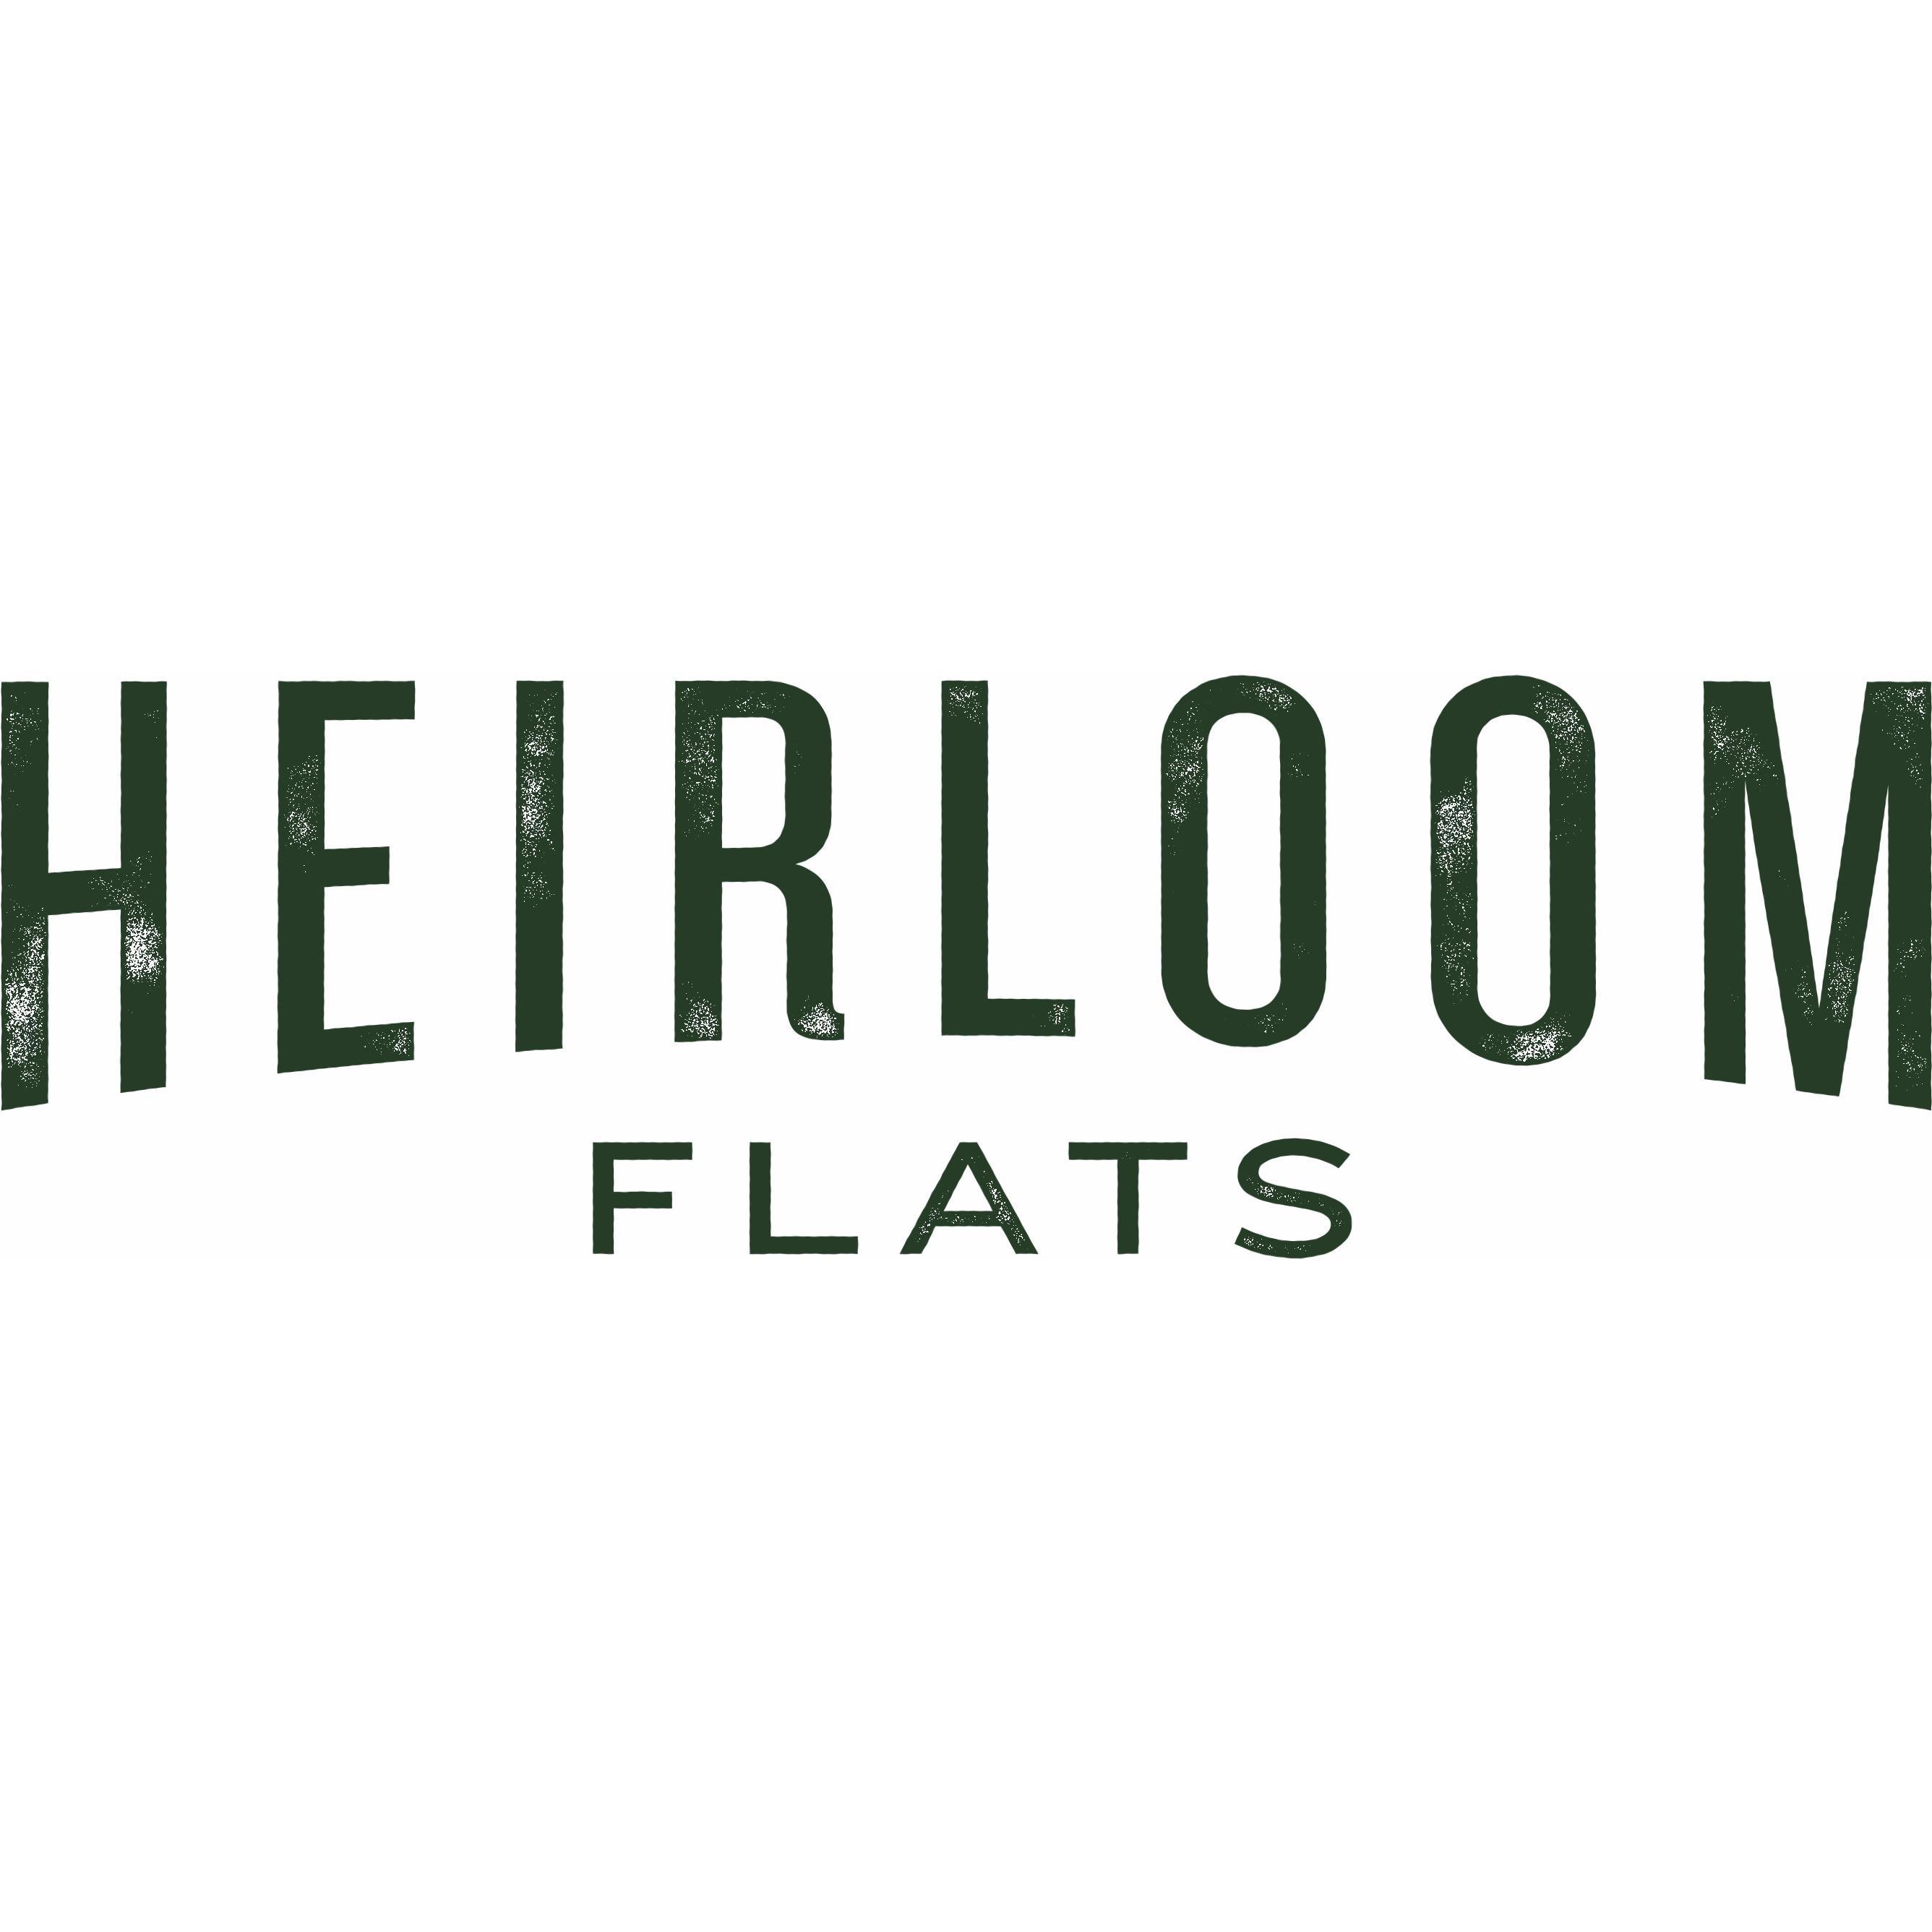 Heirloom Flats